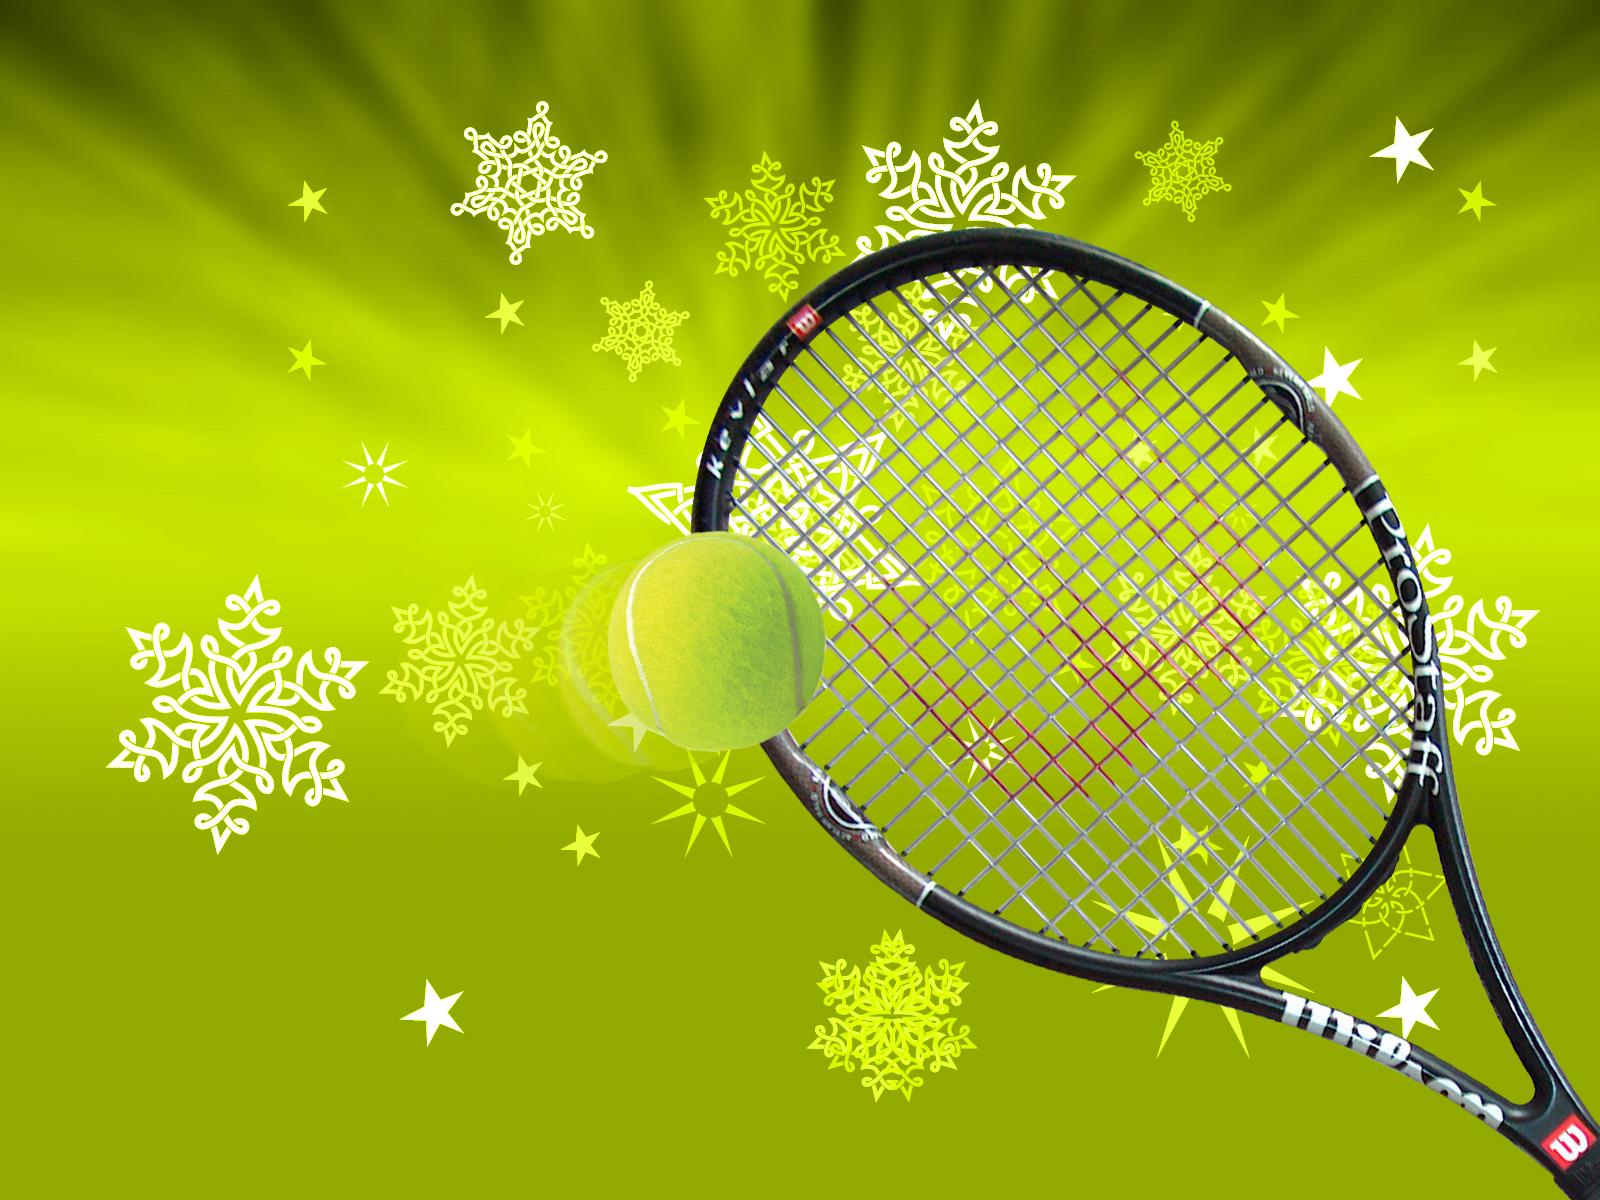 Auguri Di Natale Tennis.Cena Di Premiazione E Auguri La Fiorita Tennis Club